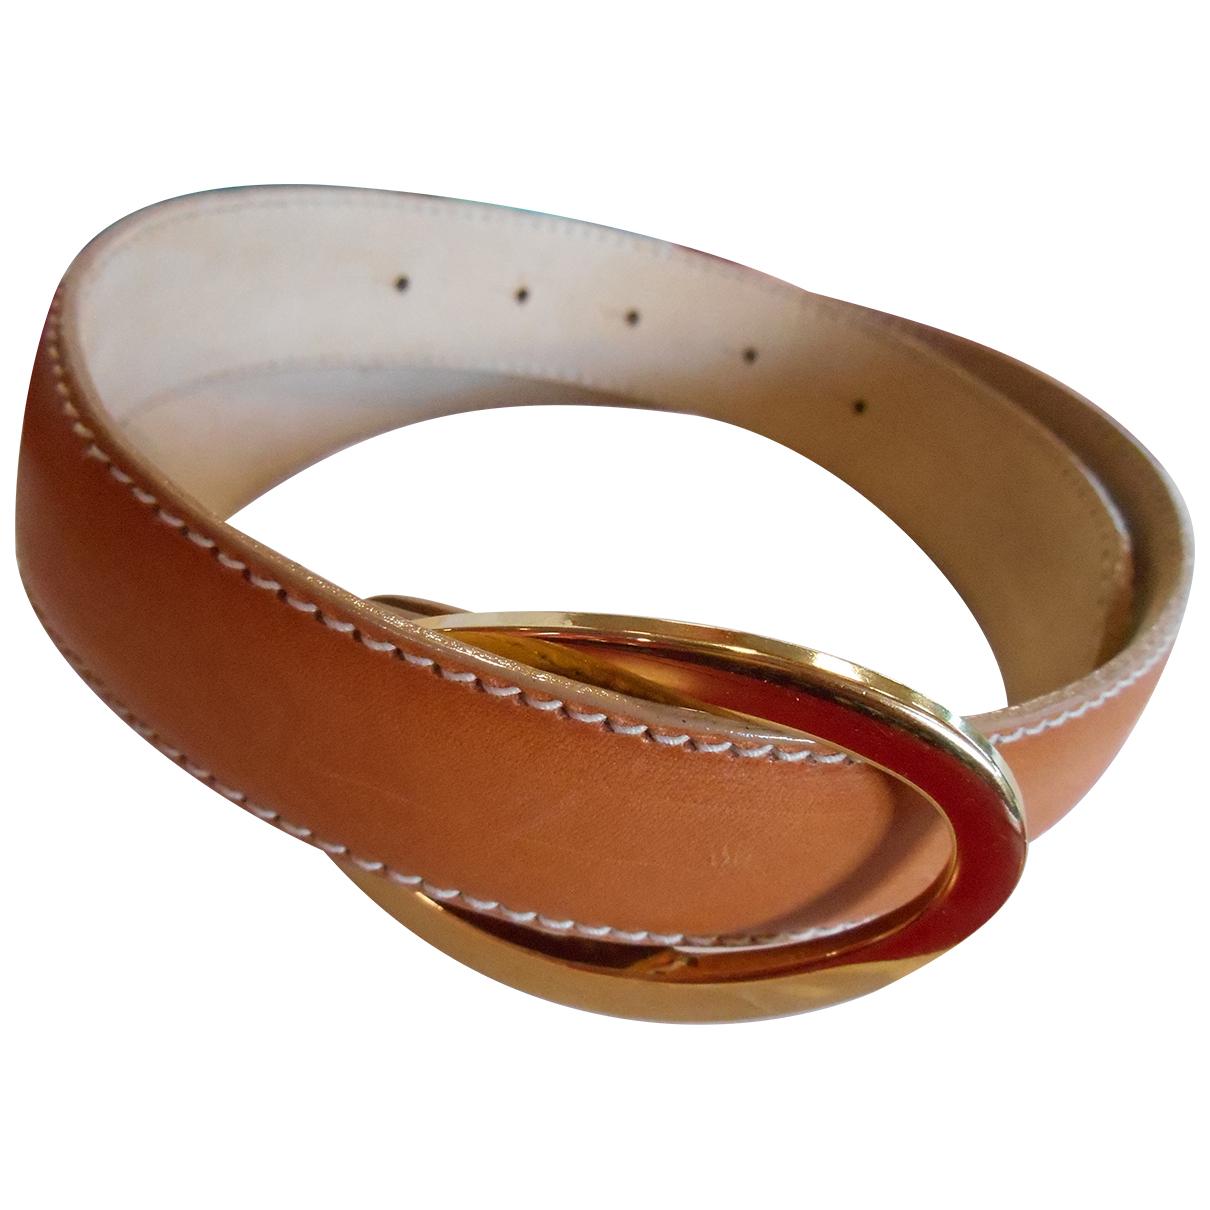 Longchamp \N Camel Leather belt for Women 85 cm